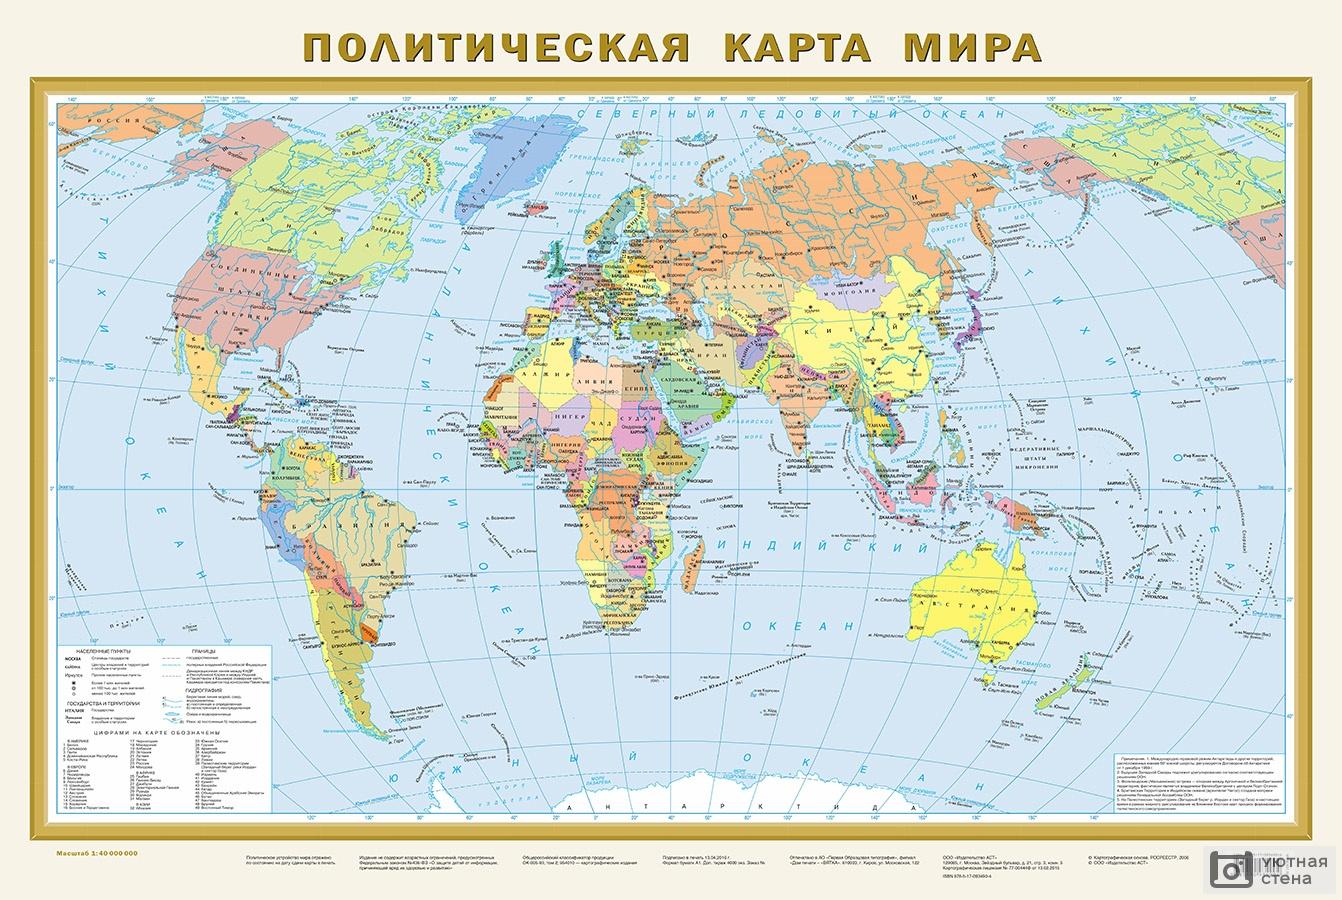 Fotooboi Politicheskaya Karta Mira Na Russkom Yazyke Art 060065